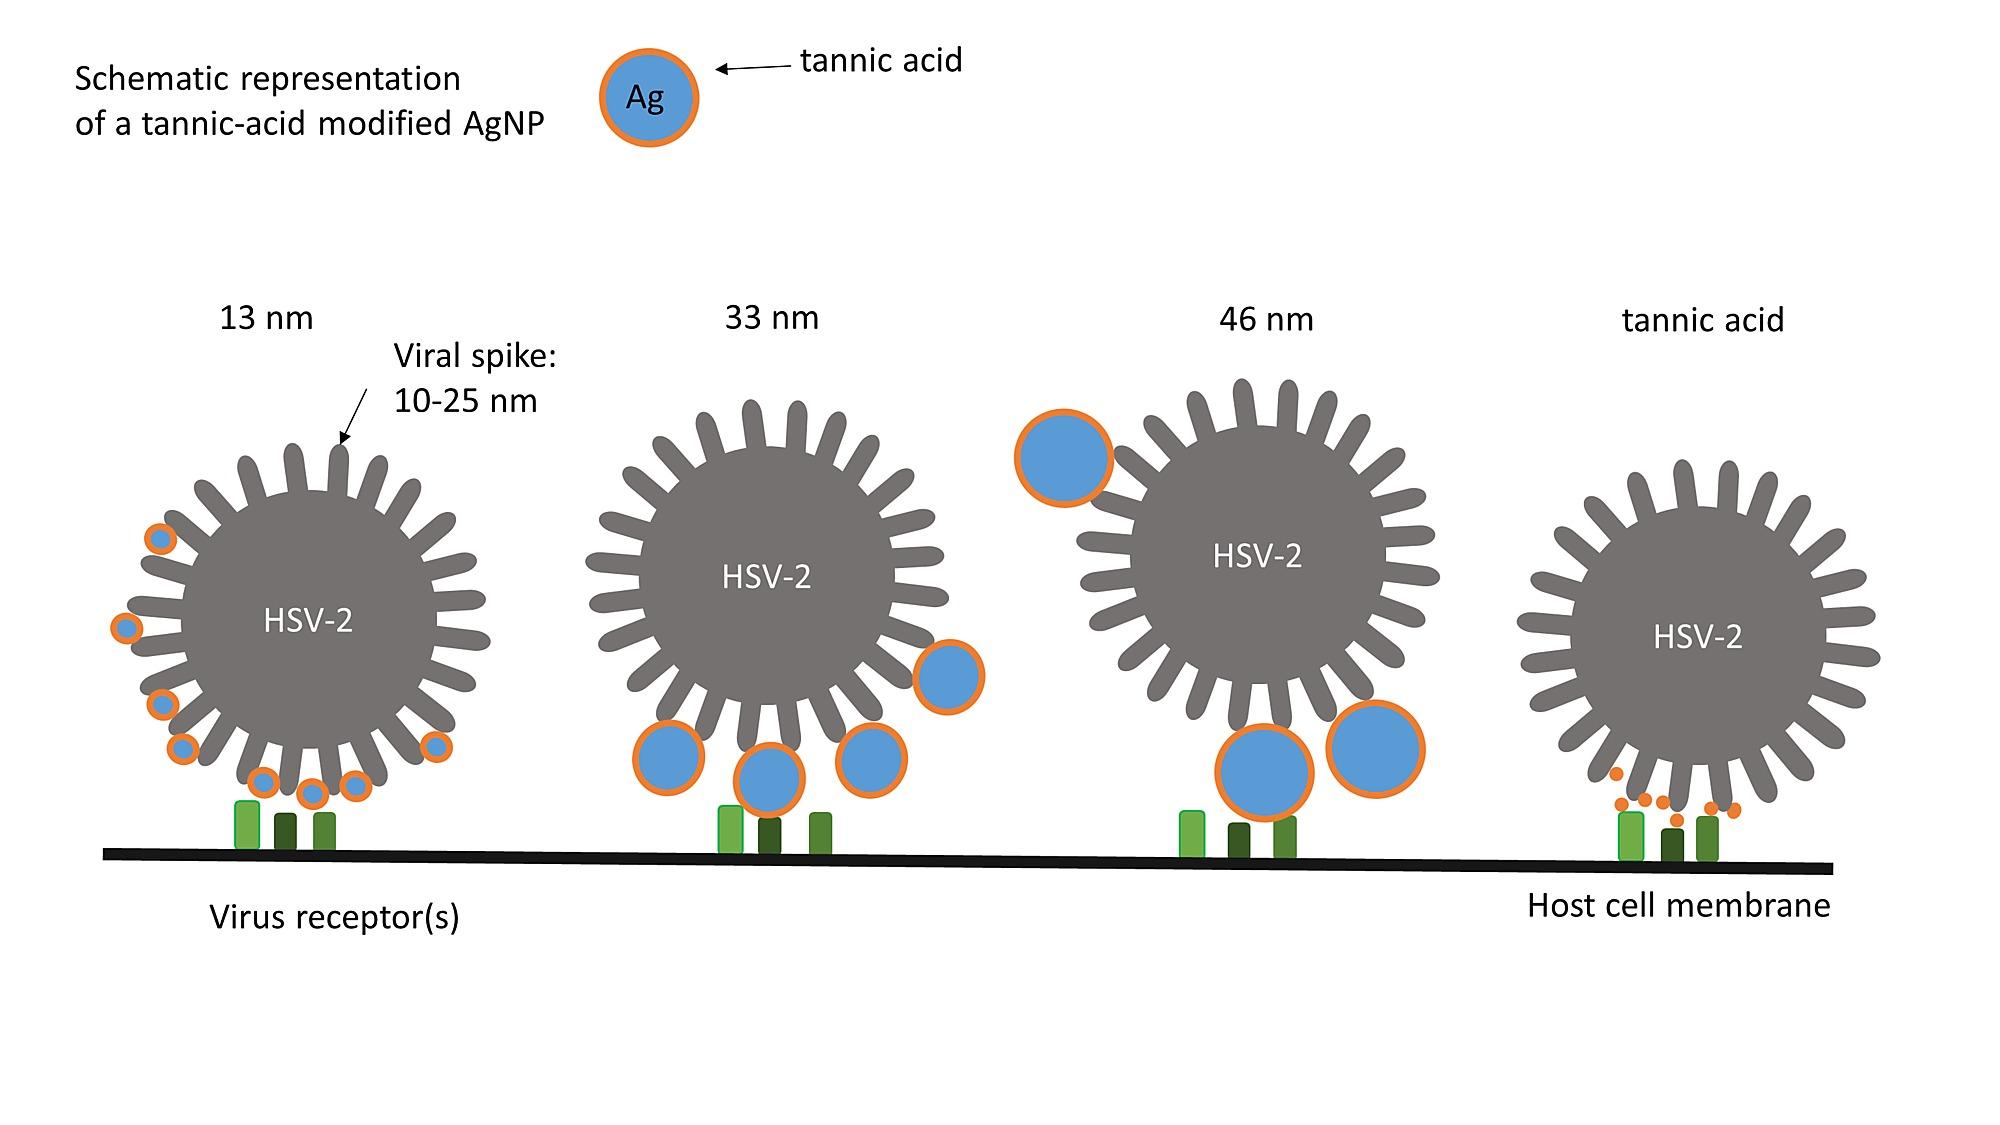 TSN diệt virus nhờ có cấu trúc đặc biệt, đặc hiệu trên virus 1